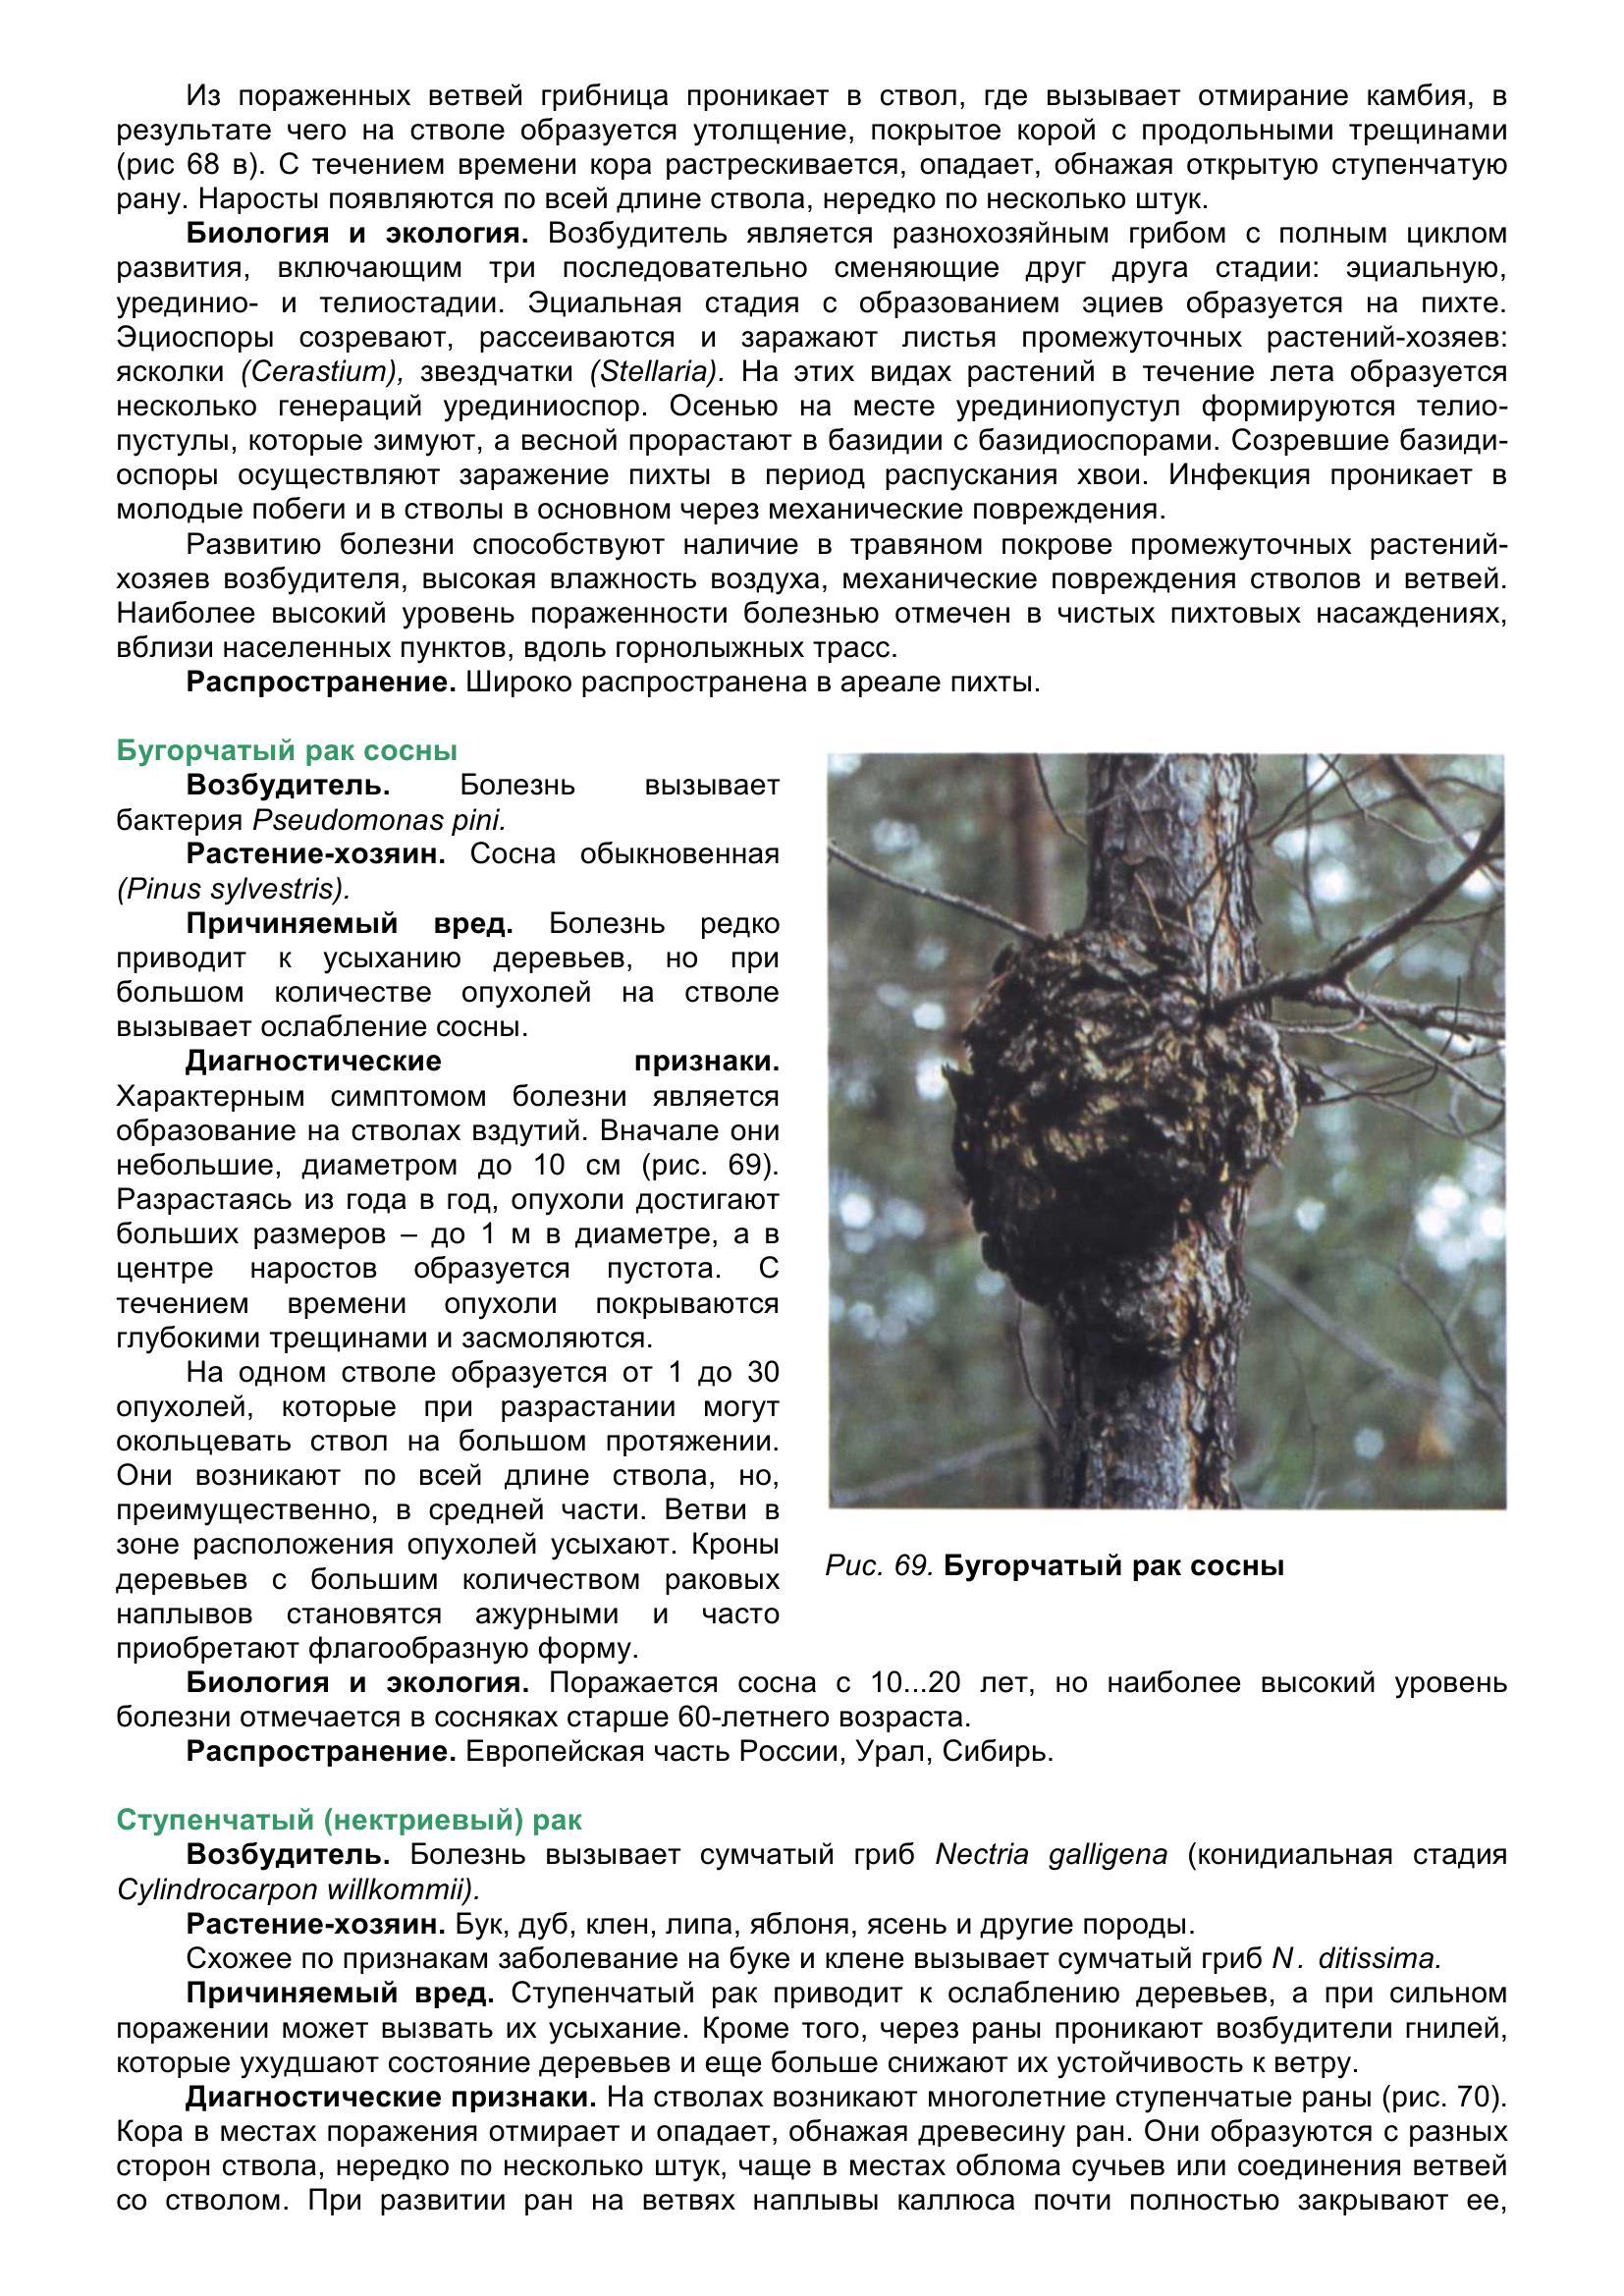 Болезни_древесных_растений_079.jpg